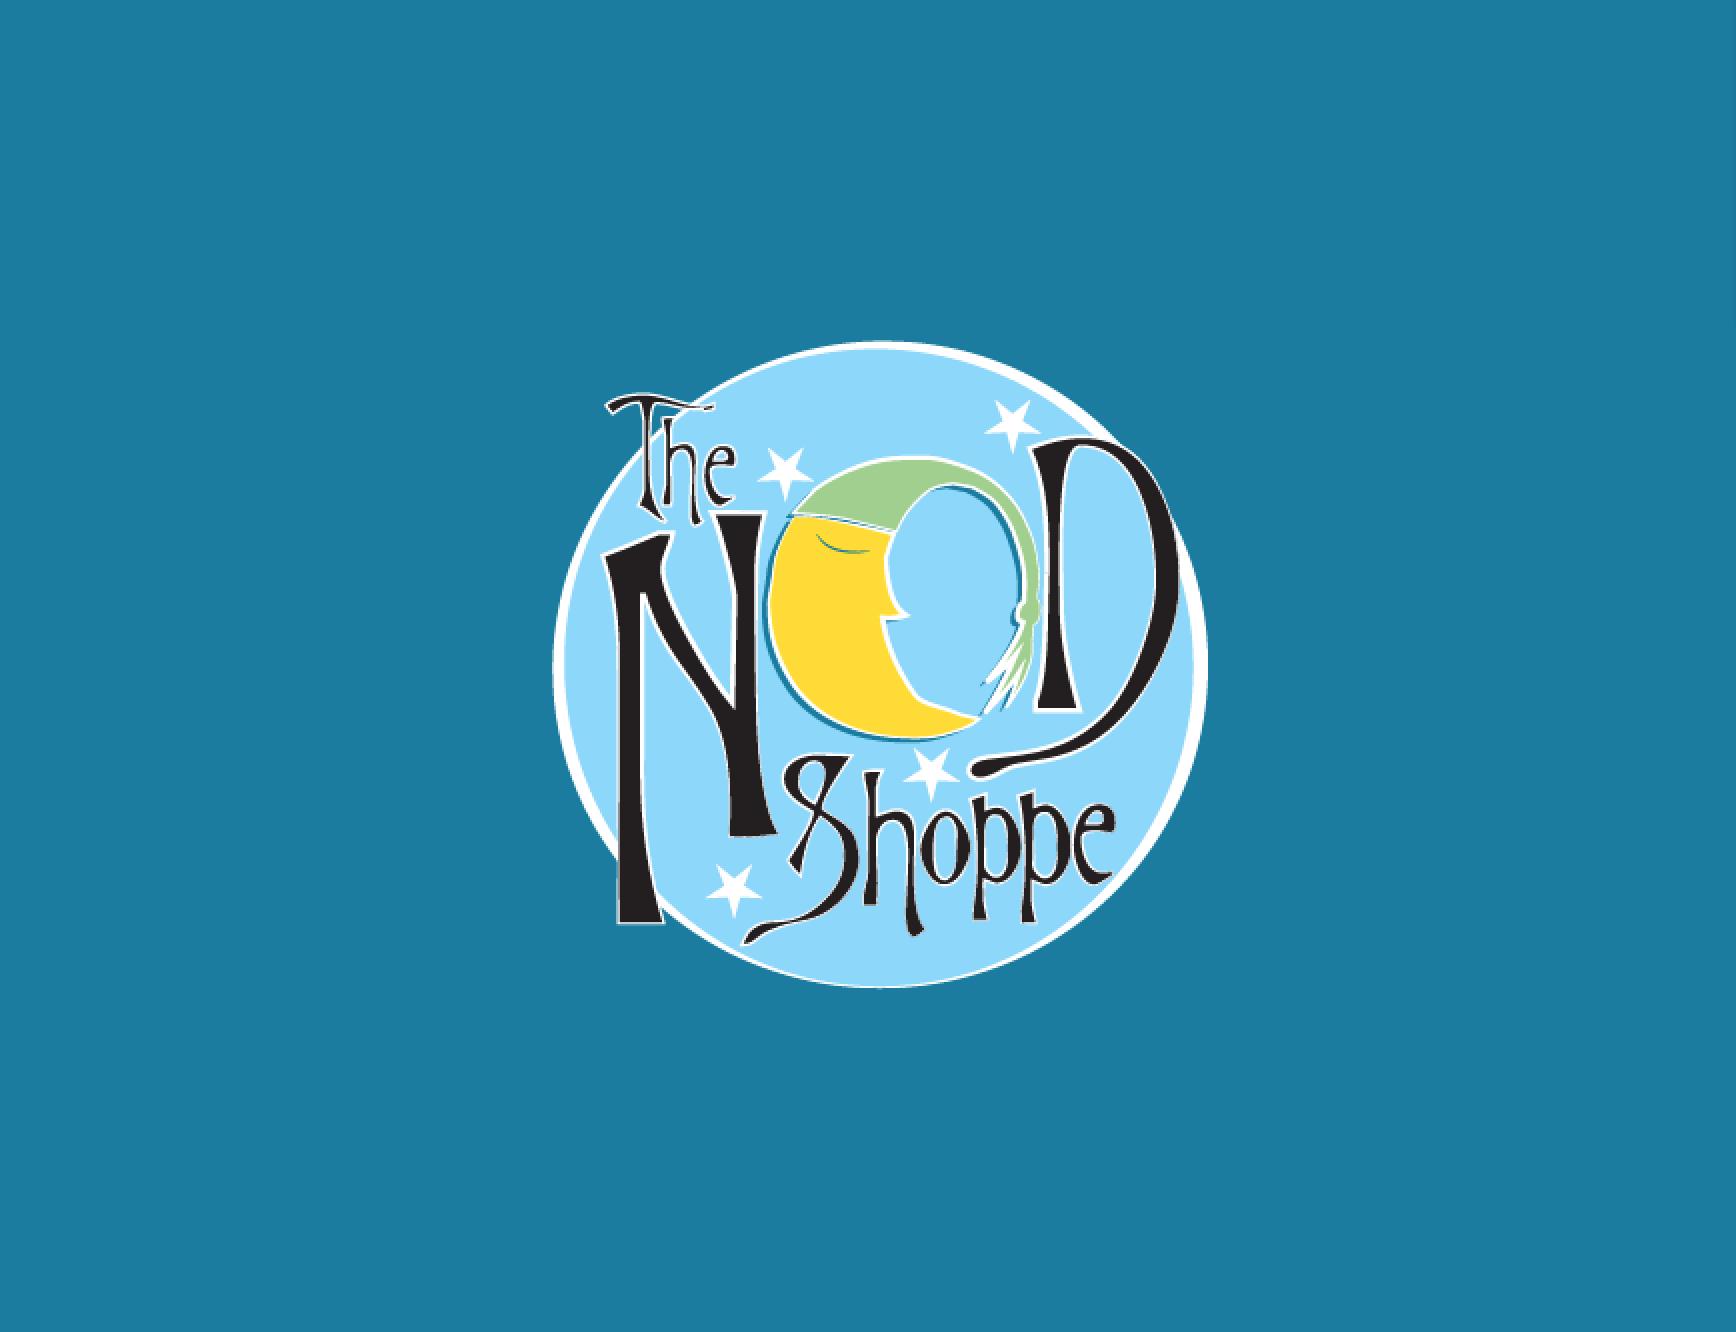 logo for The Nod Shoppe